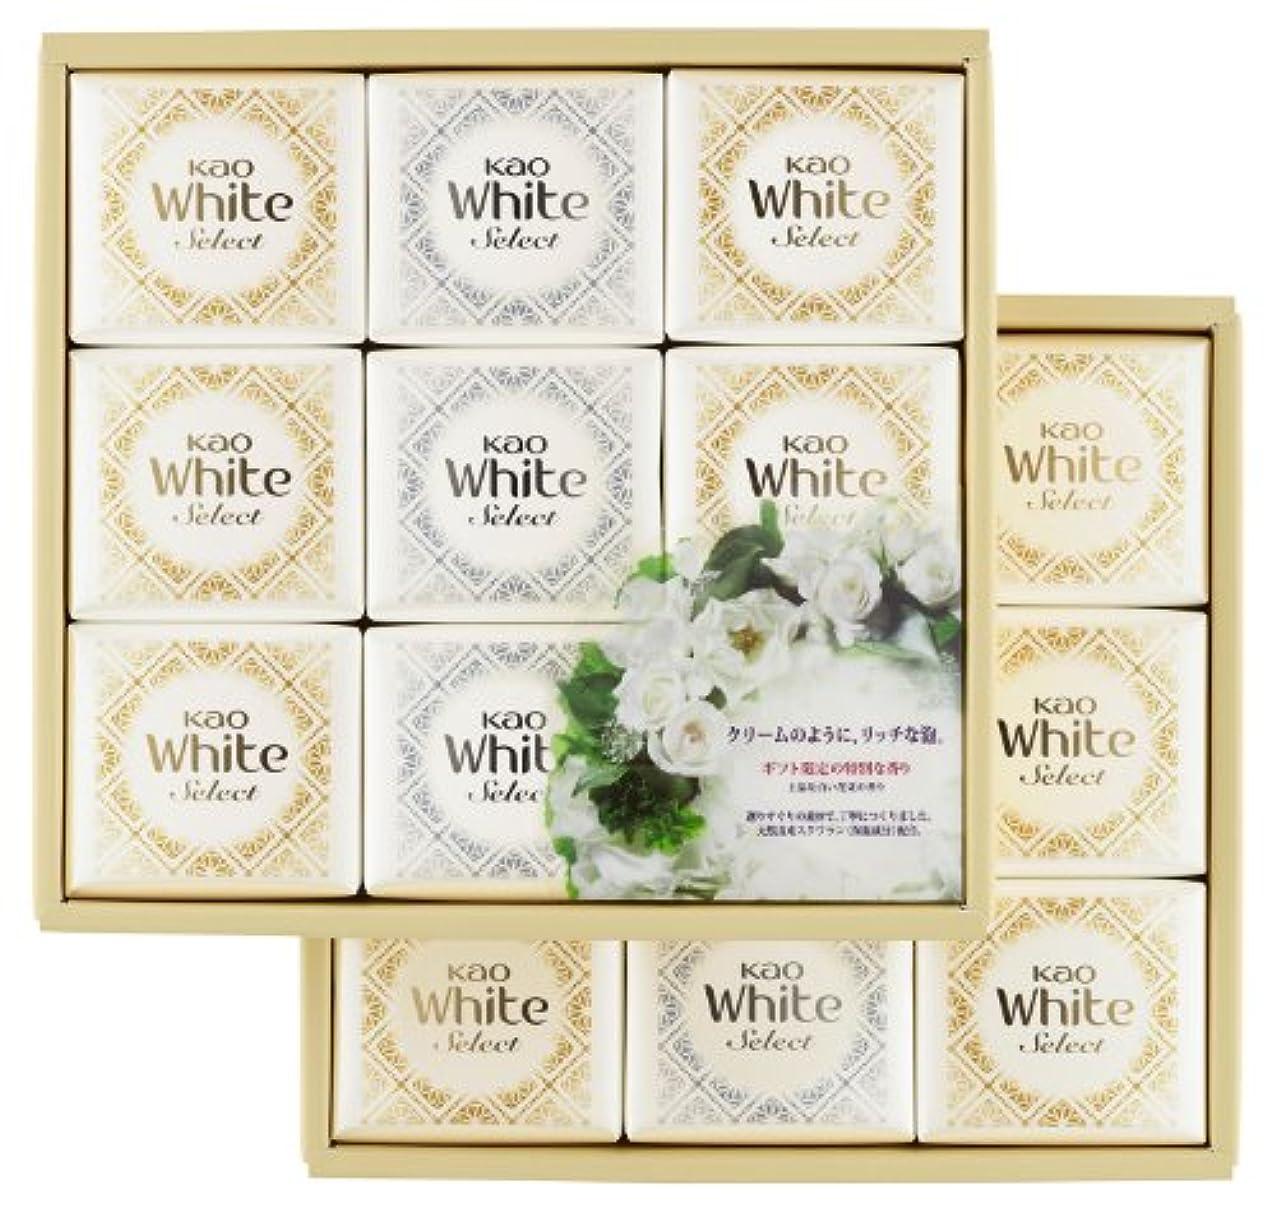 ライバルトリプル近傍花王ホワイト セレクト 上品な白い花束の香り 85g 18コ K?WS-30